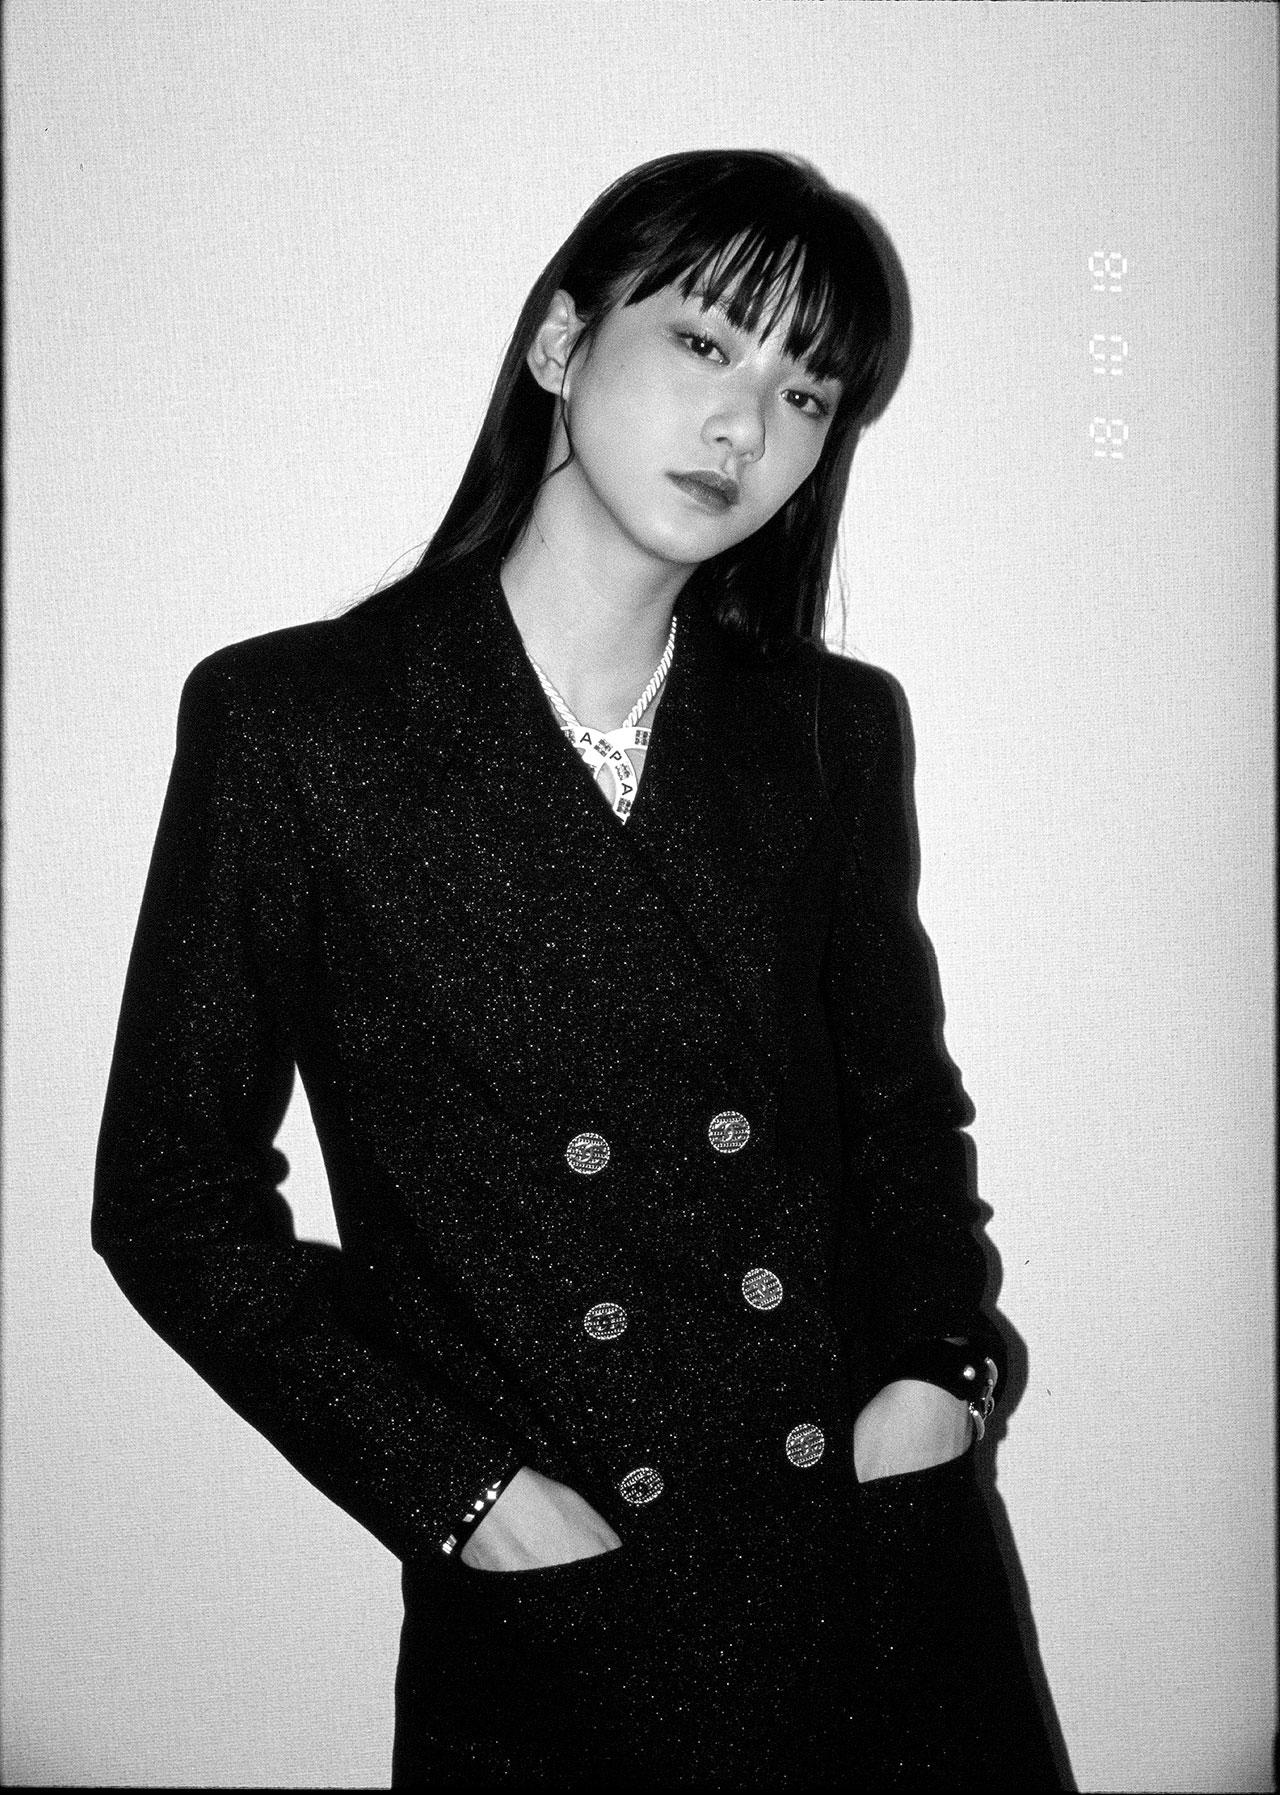 ジャケット ¥552,000、ネックレス ¥131,000、バングル (右) ¥137,000、バングル (左) ¥194,000、全て Chanel (シャネル) | Photo by Chikashi Suzuki